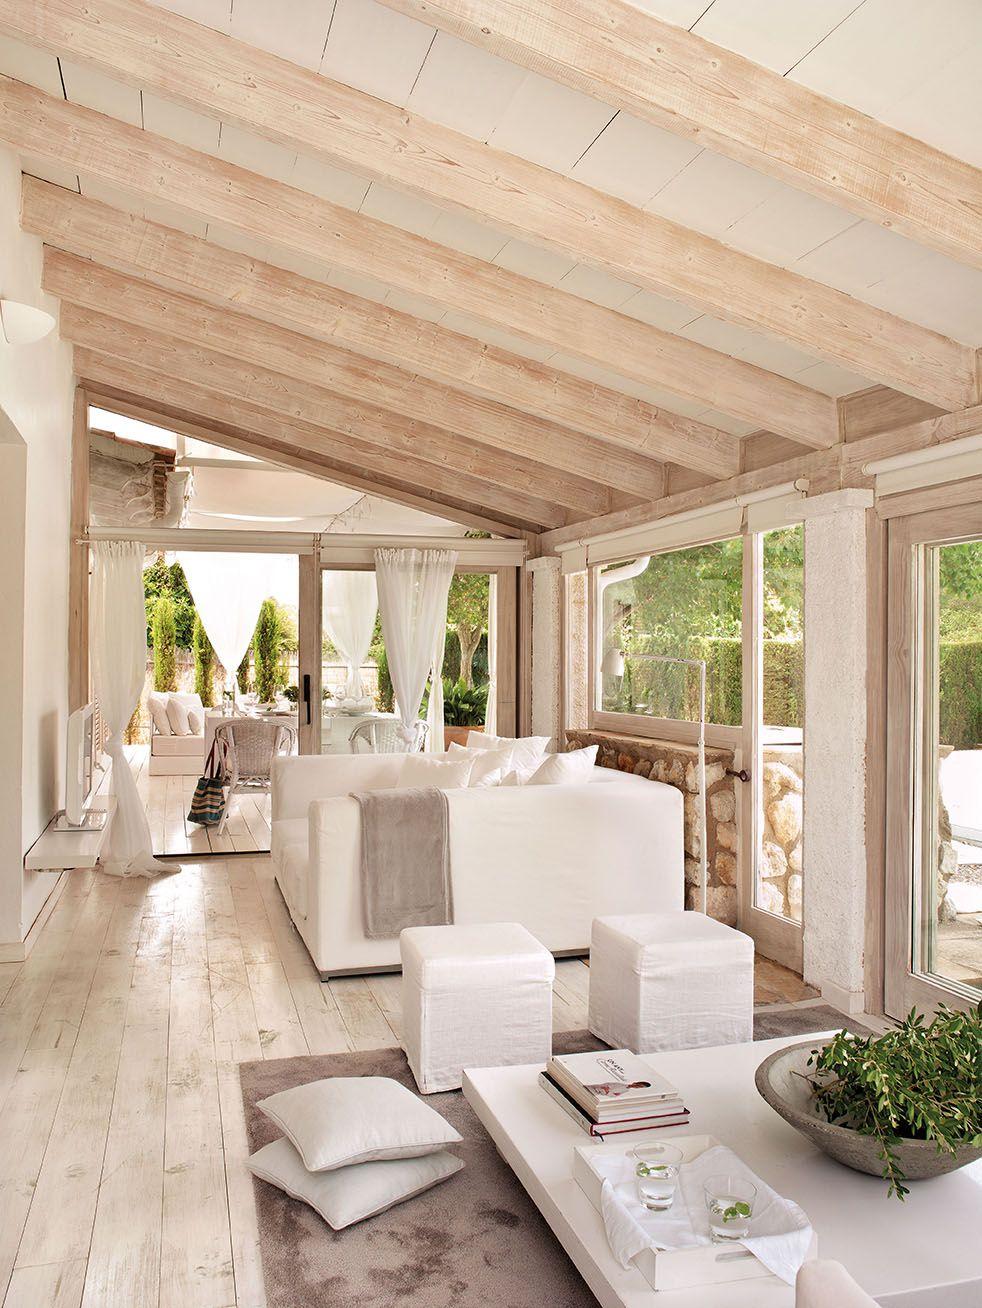 Sal n en un porche cerrado con vigas de madera en tonos claros 00326576 pinterest vigas de - Decorar un porche cerrado ...